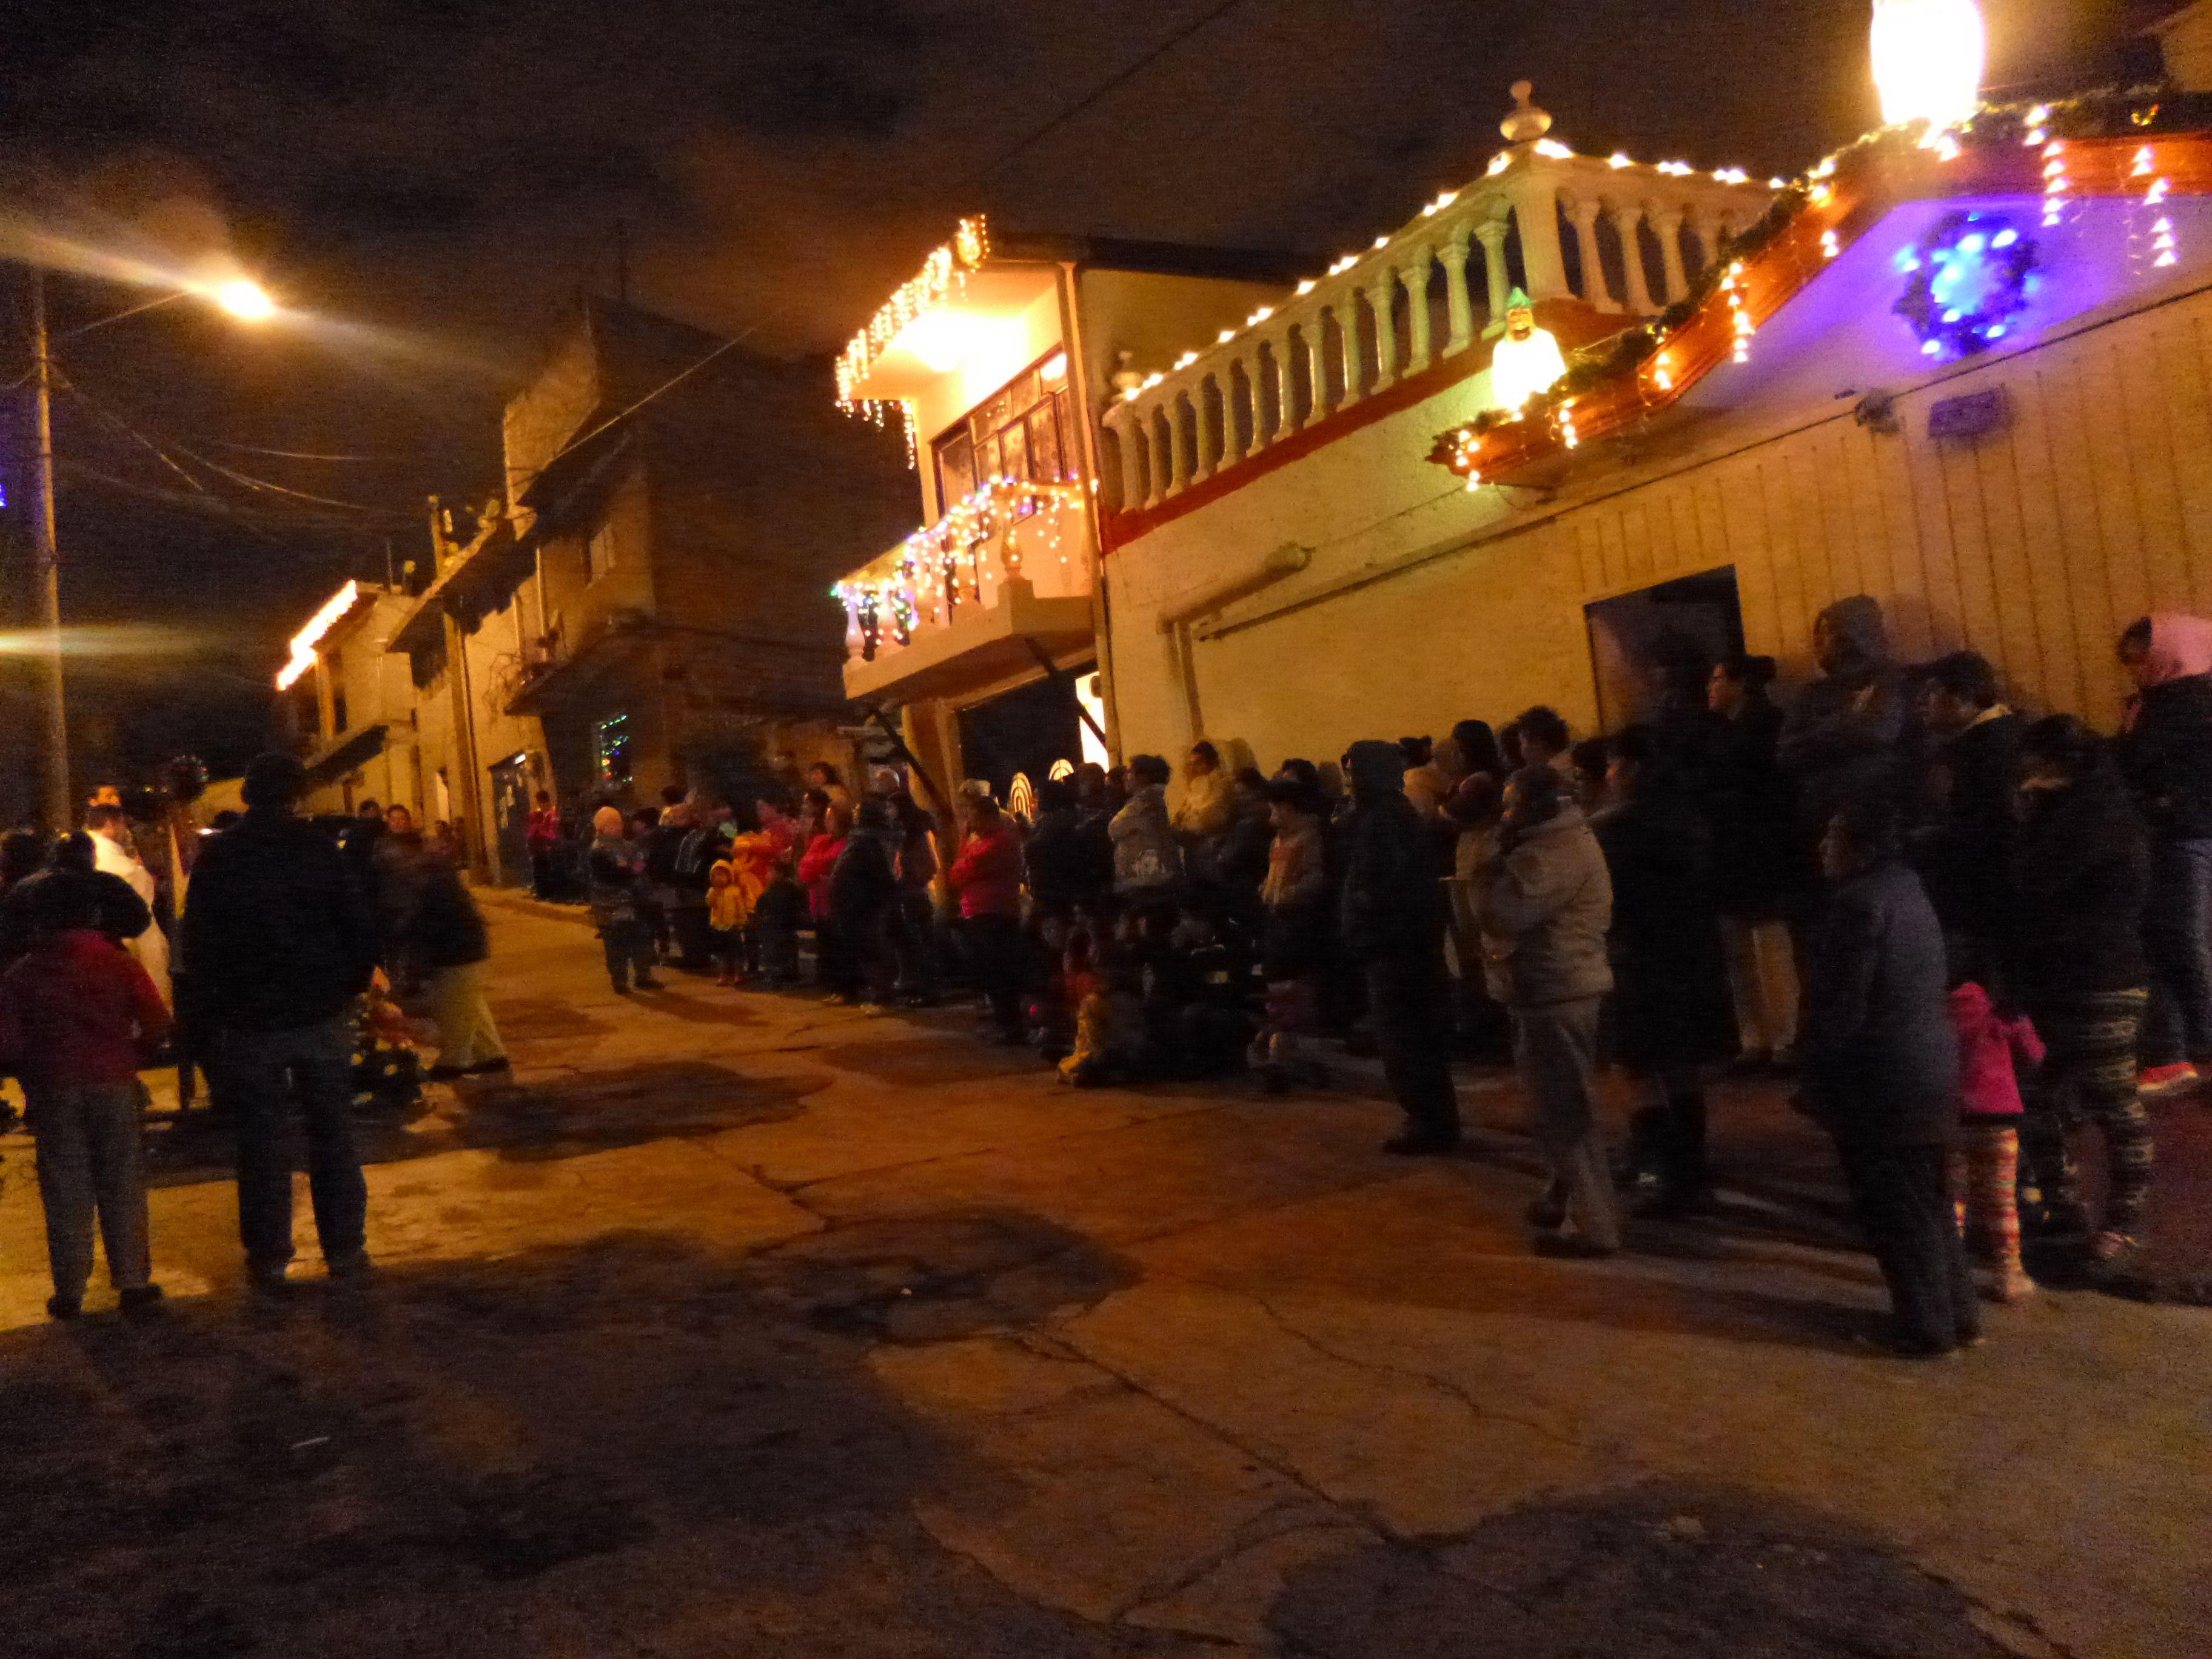 Hoy en nuestro séptimo día de novenario festejamos la Memoria de San Juan Diego Cuauhtlatoatzin.